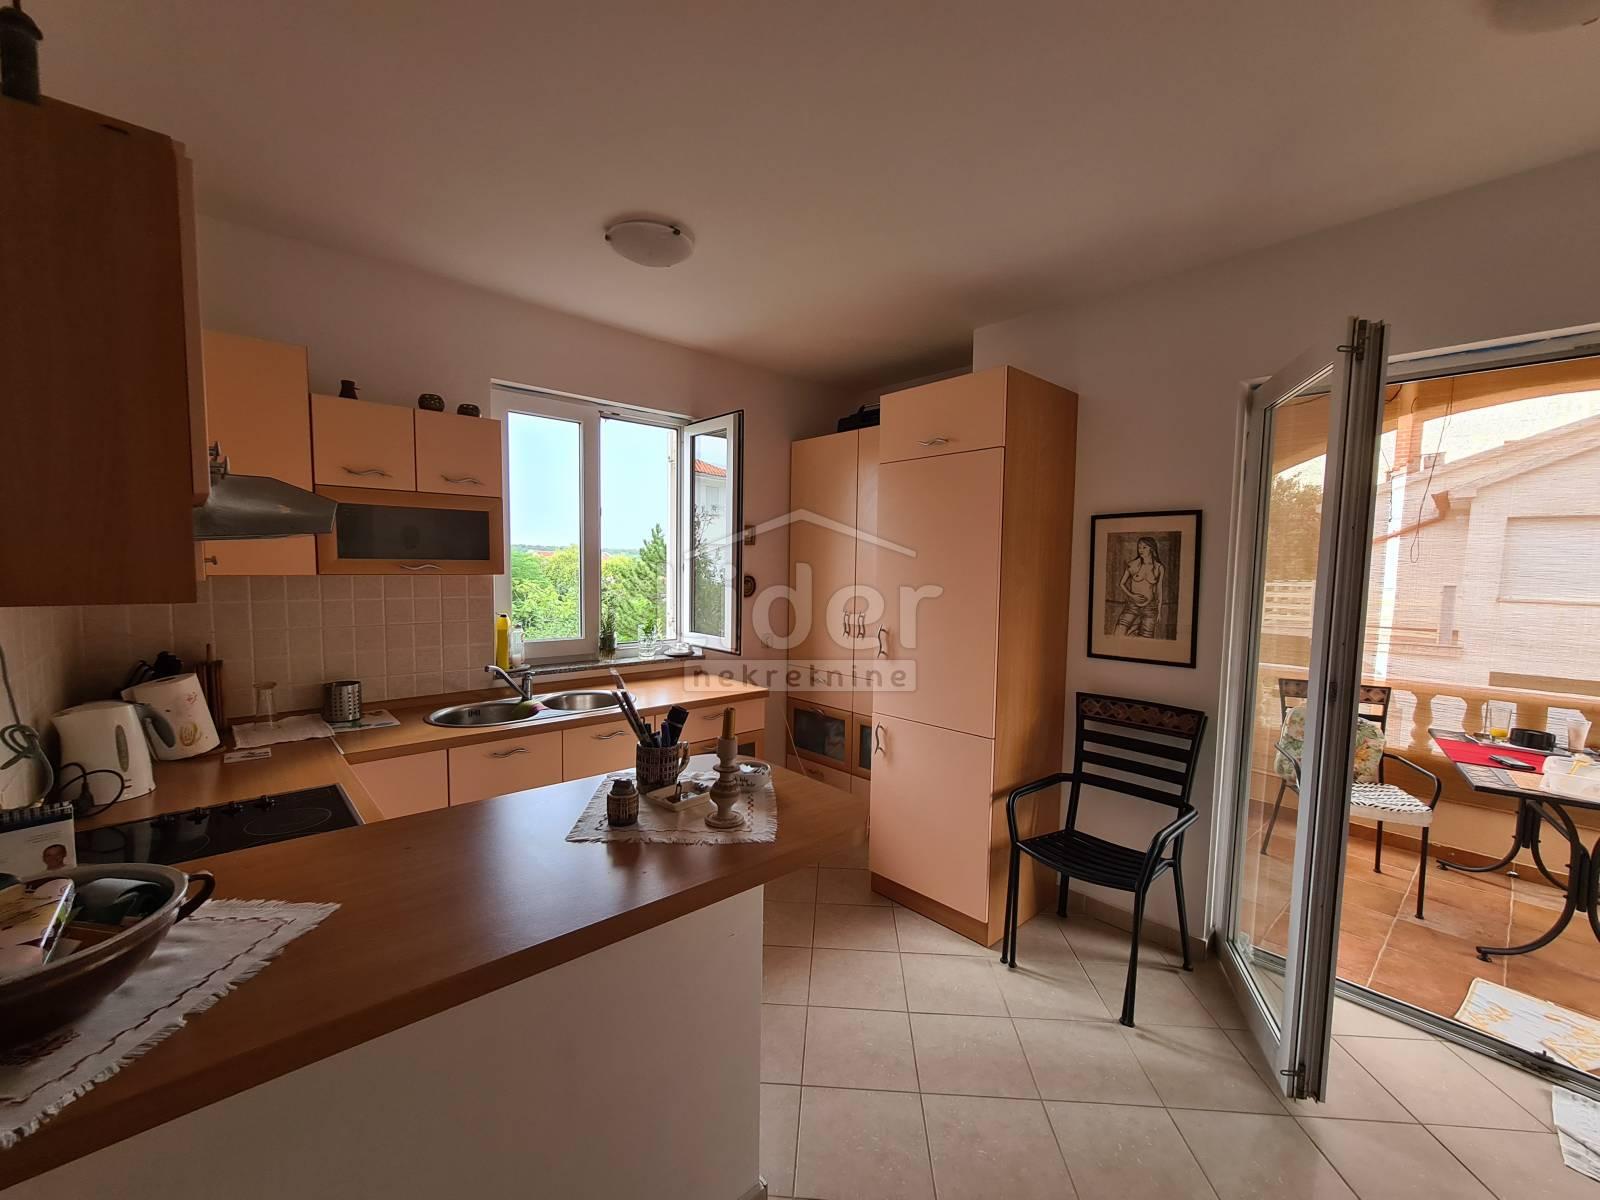 3 rooms, Apartment, 56m², 1 Floor